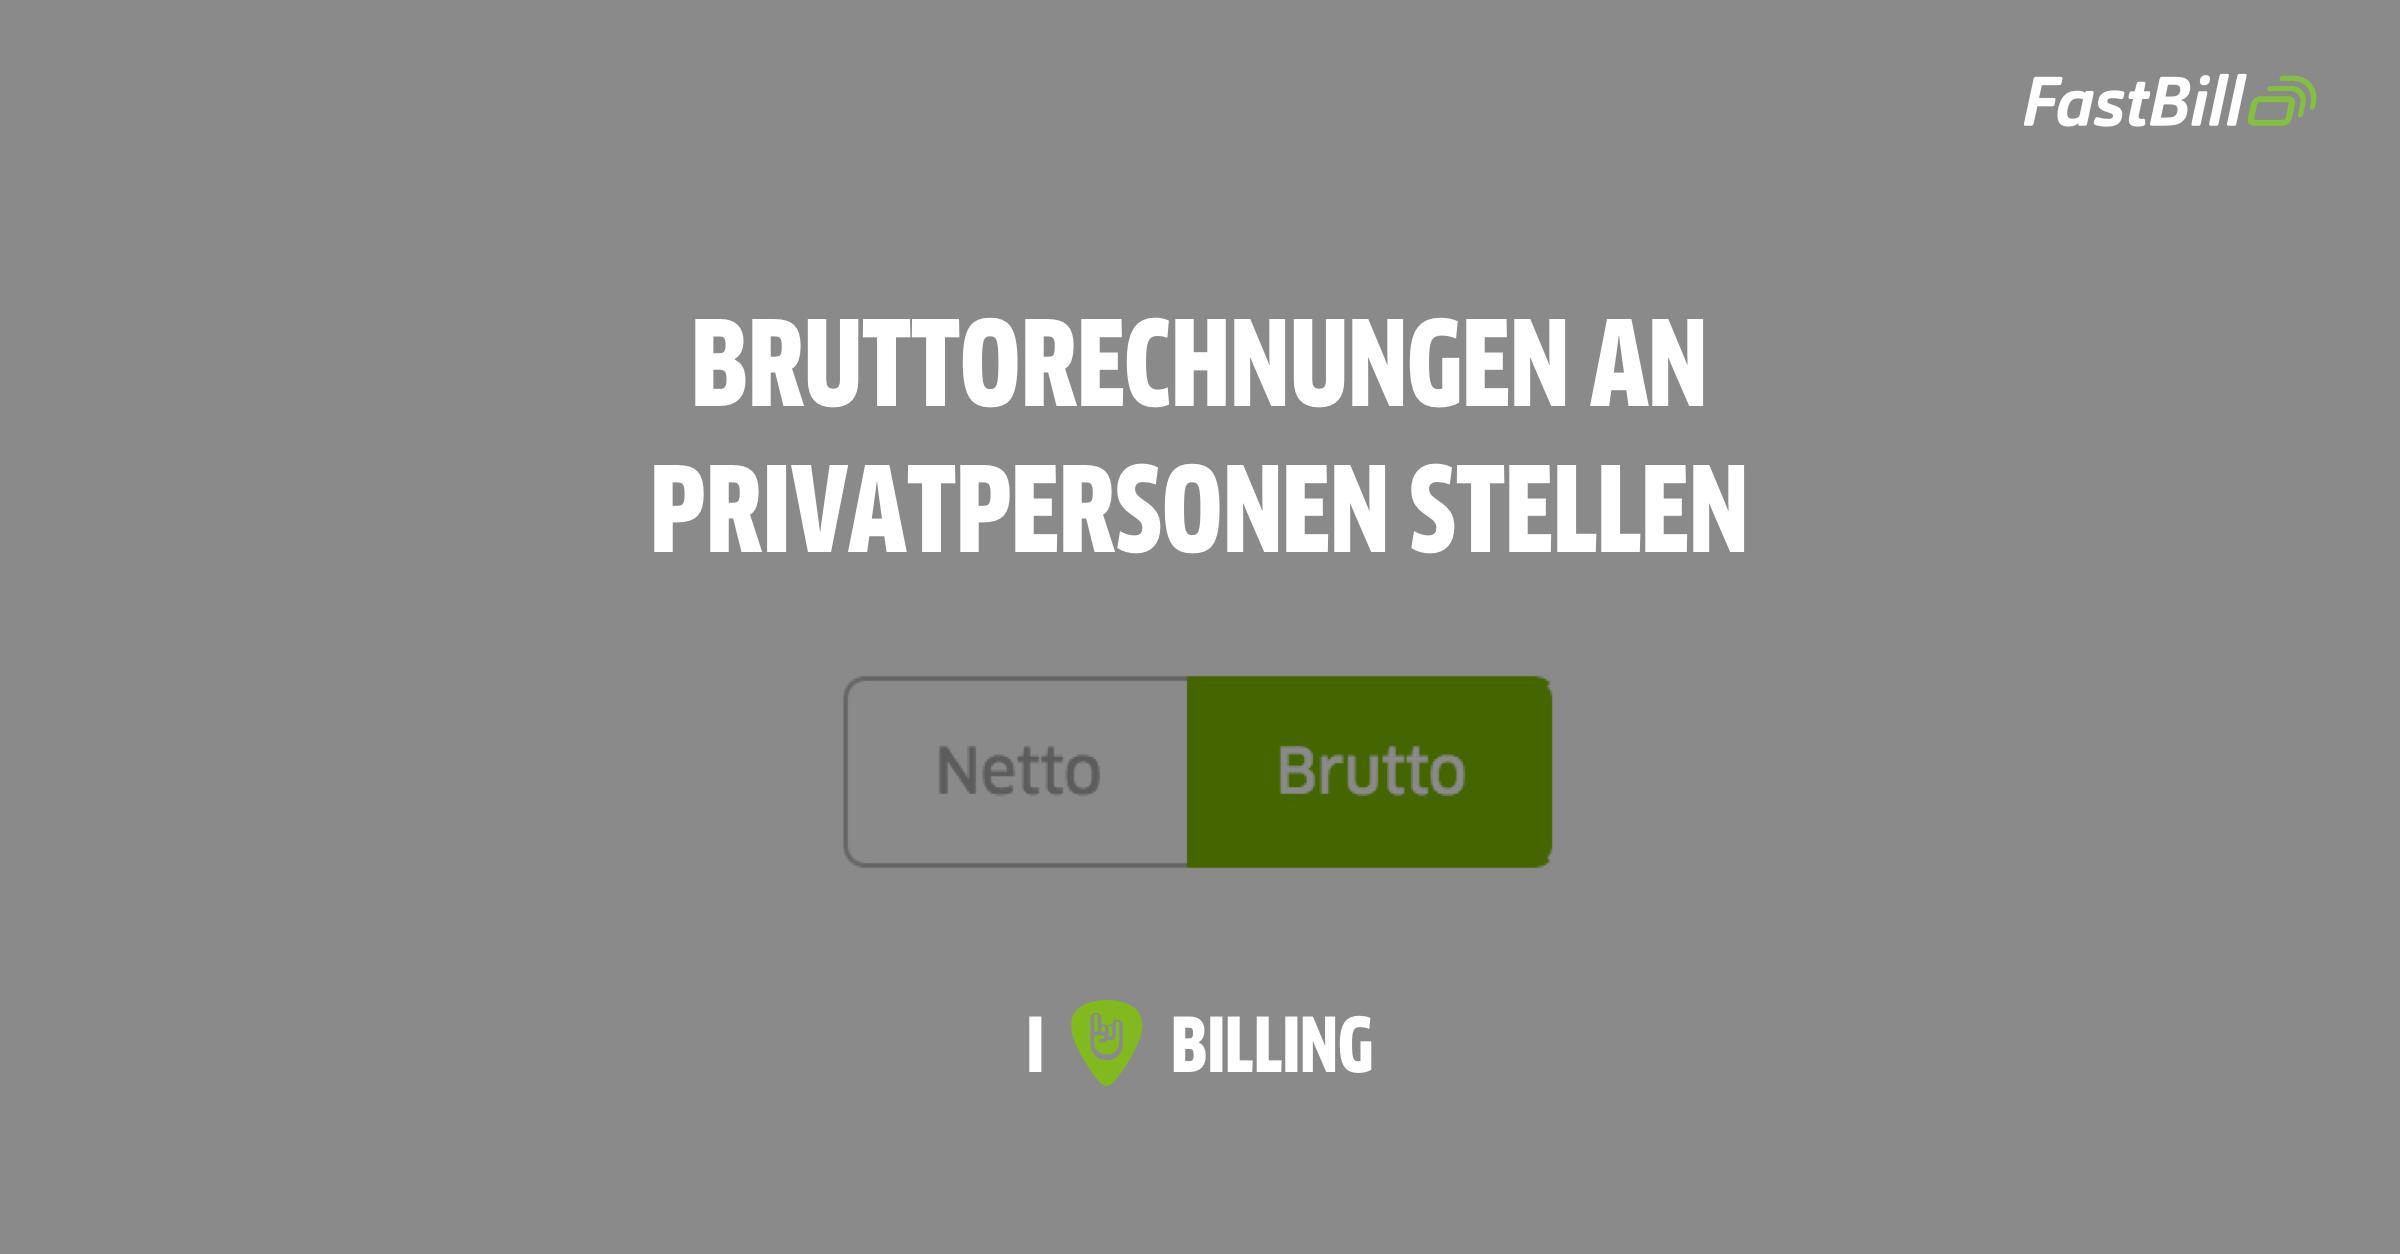 Rechnungen an Privatpersonen mit FastBill schreiben